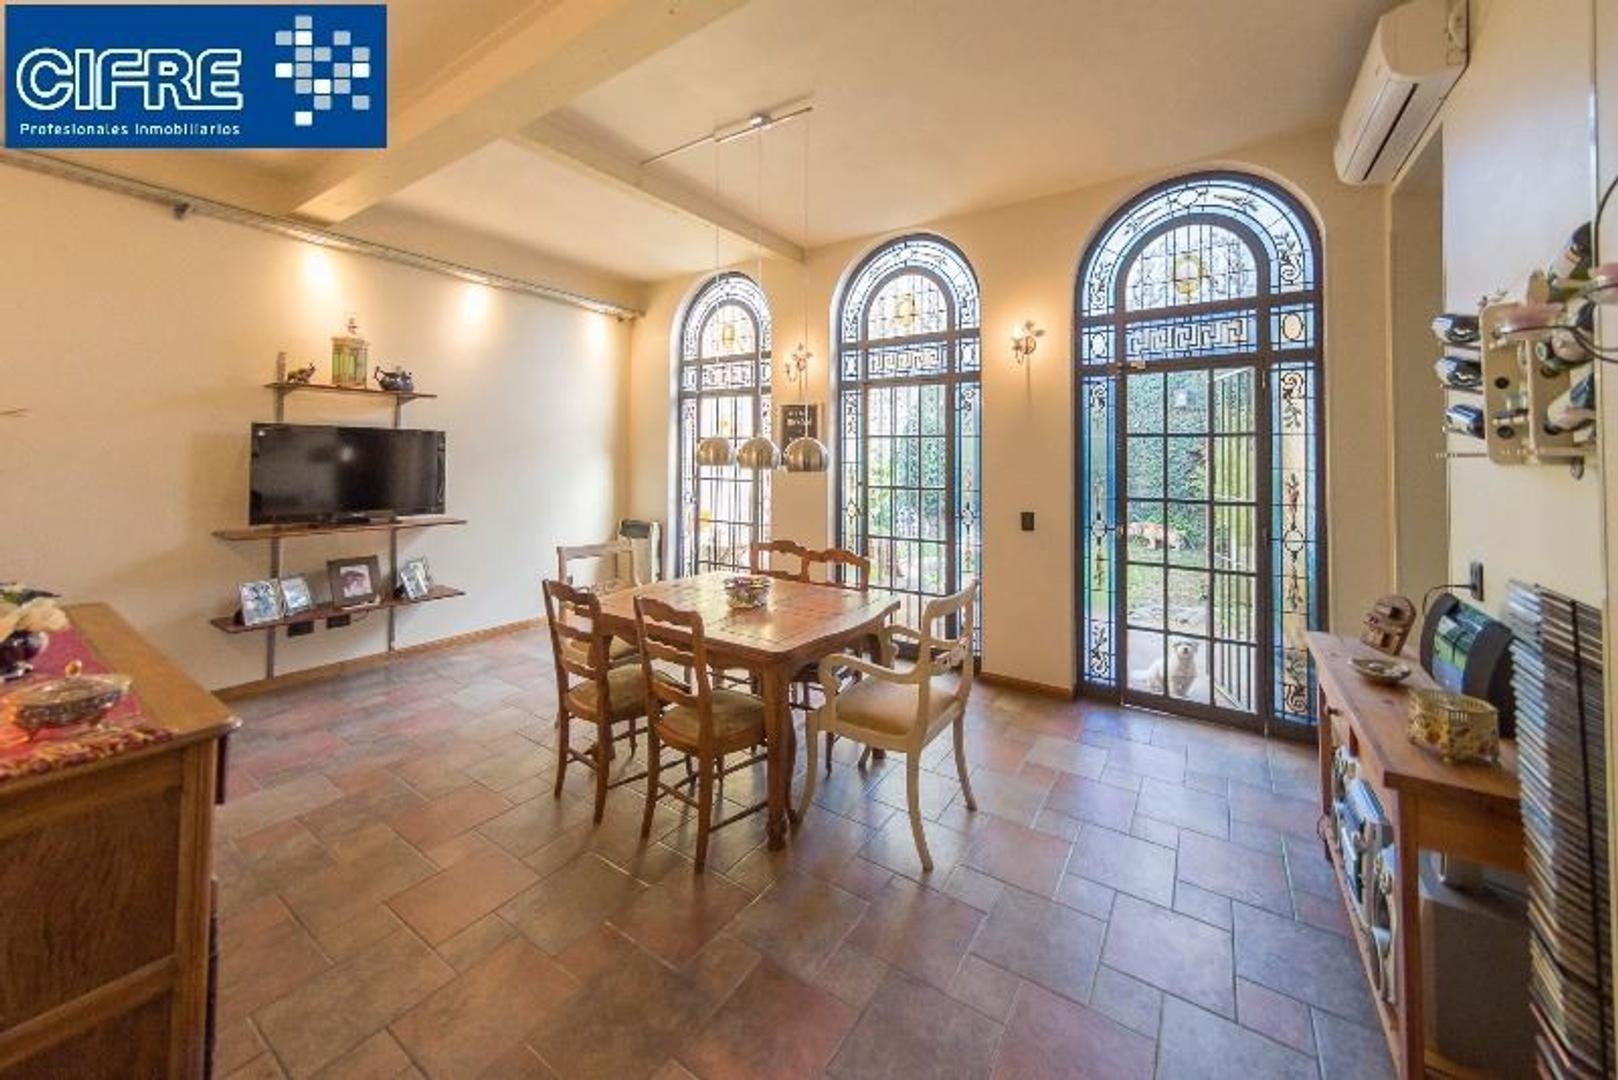 Casa 5 amb + patio + parque + quincho + parrilla + terraza (Suc. V. Pueyrredon 4574-4444)